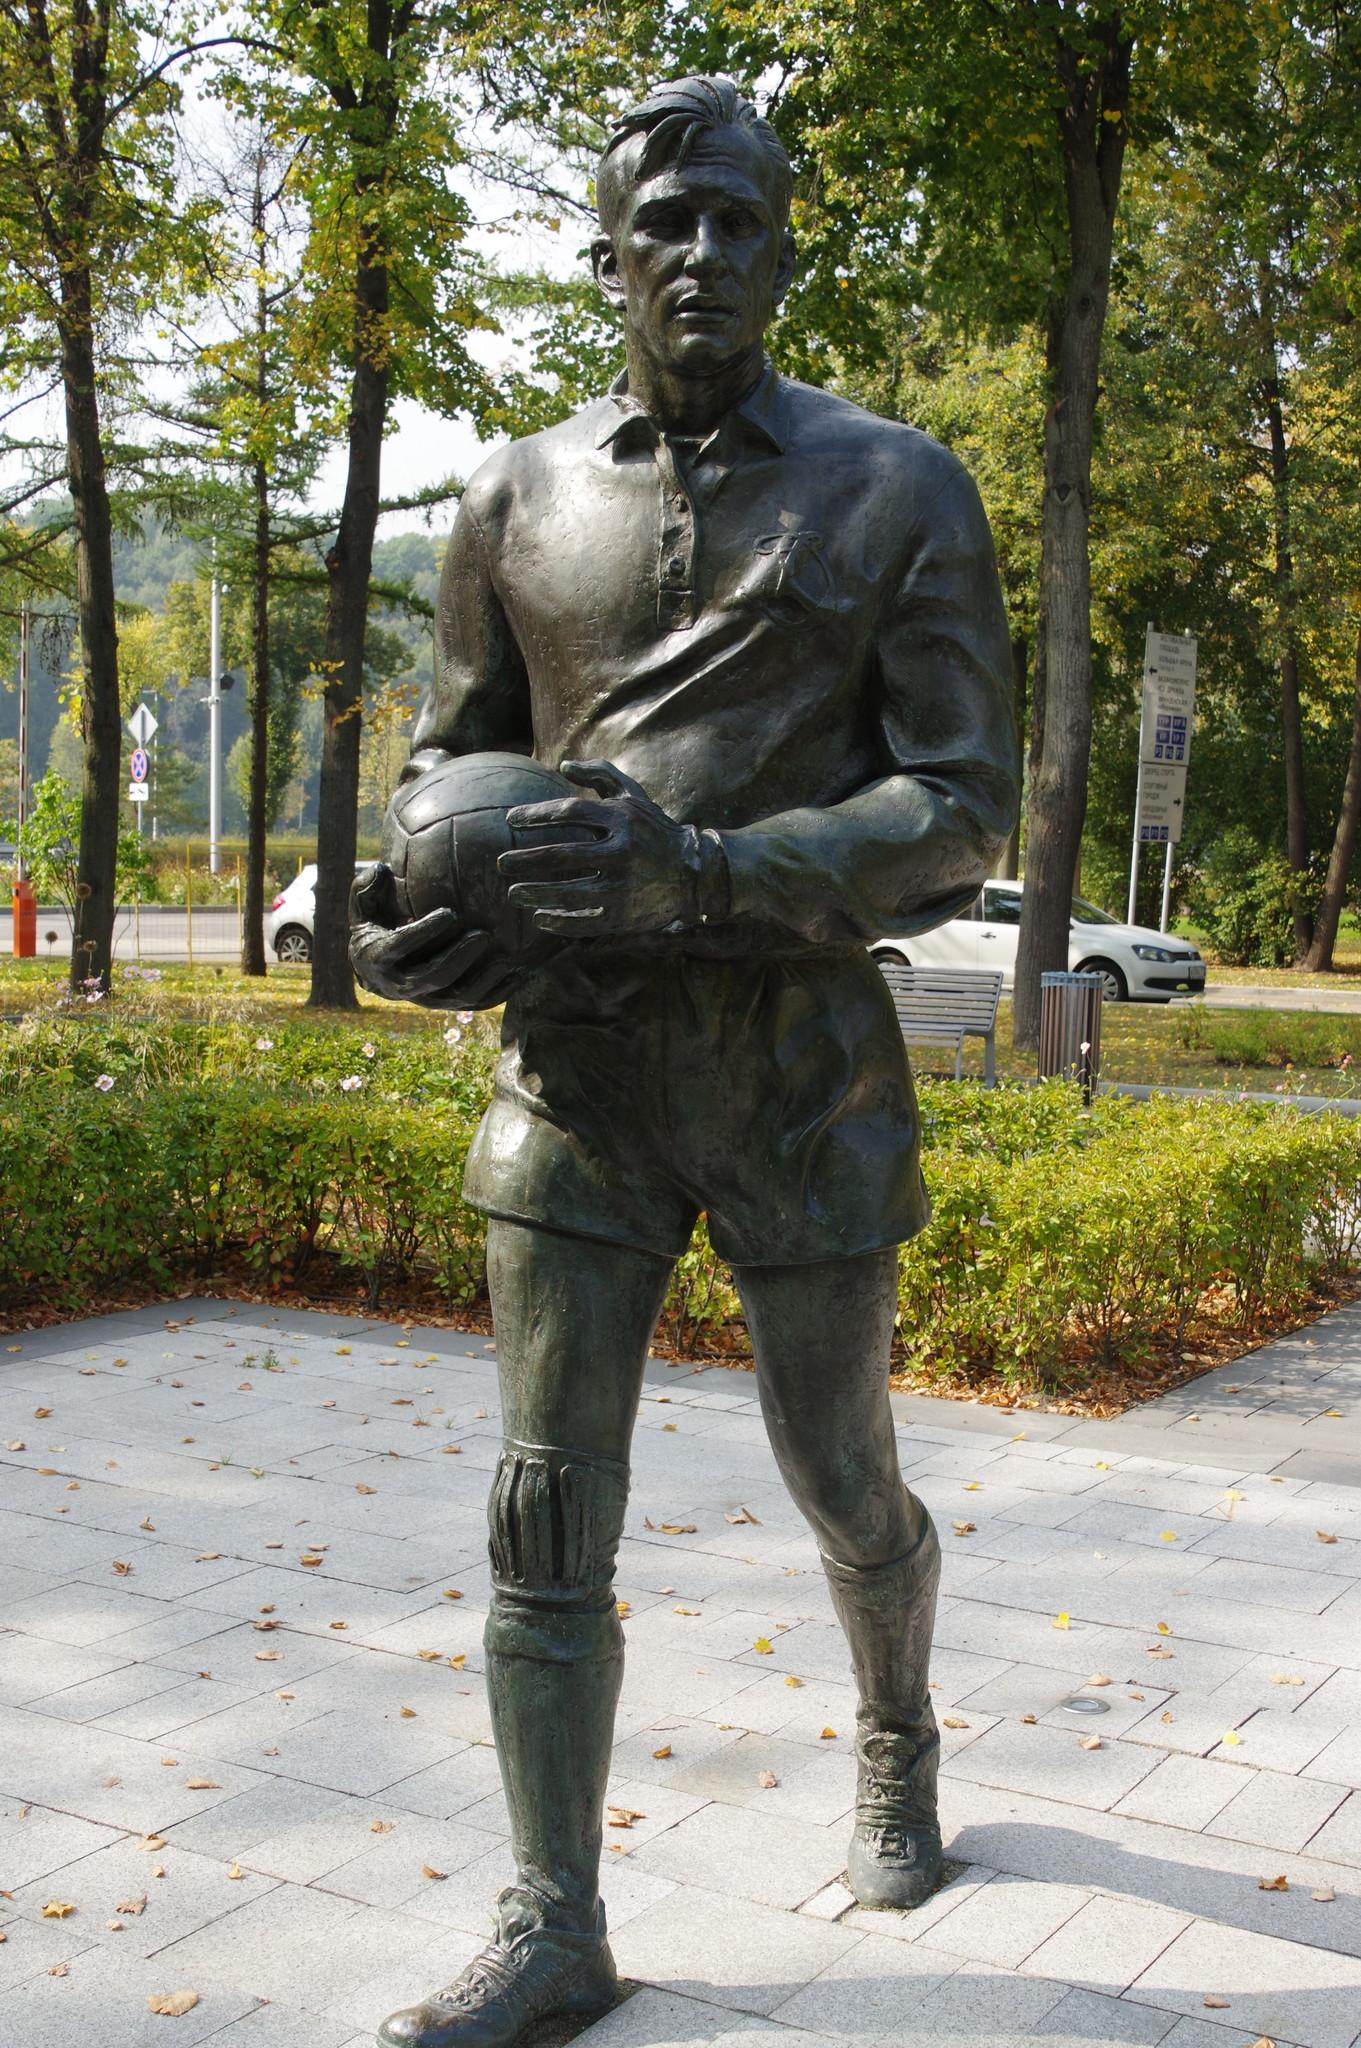 Памятник Льву Яшину на Аллее спортивной славы в Лужниках